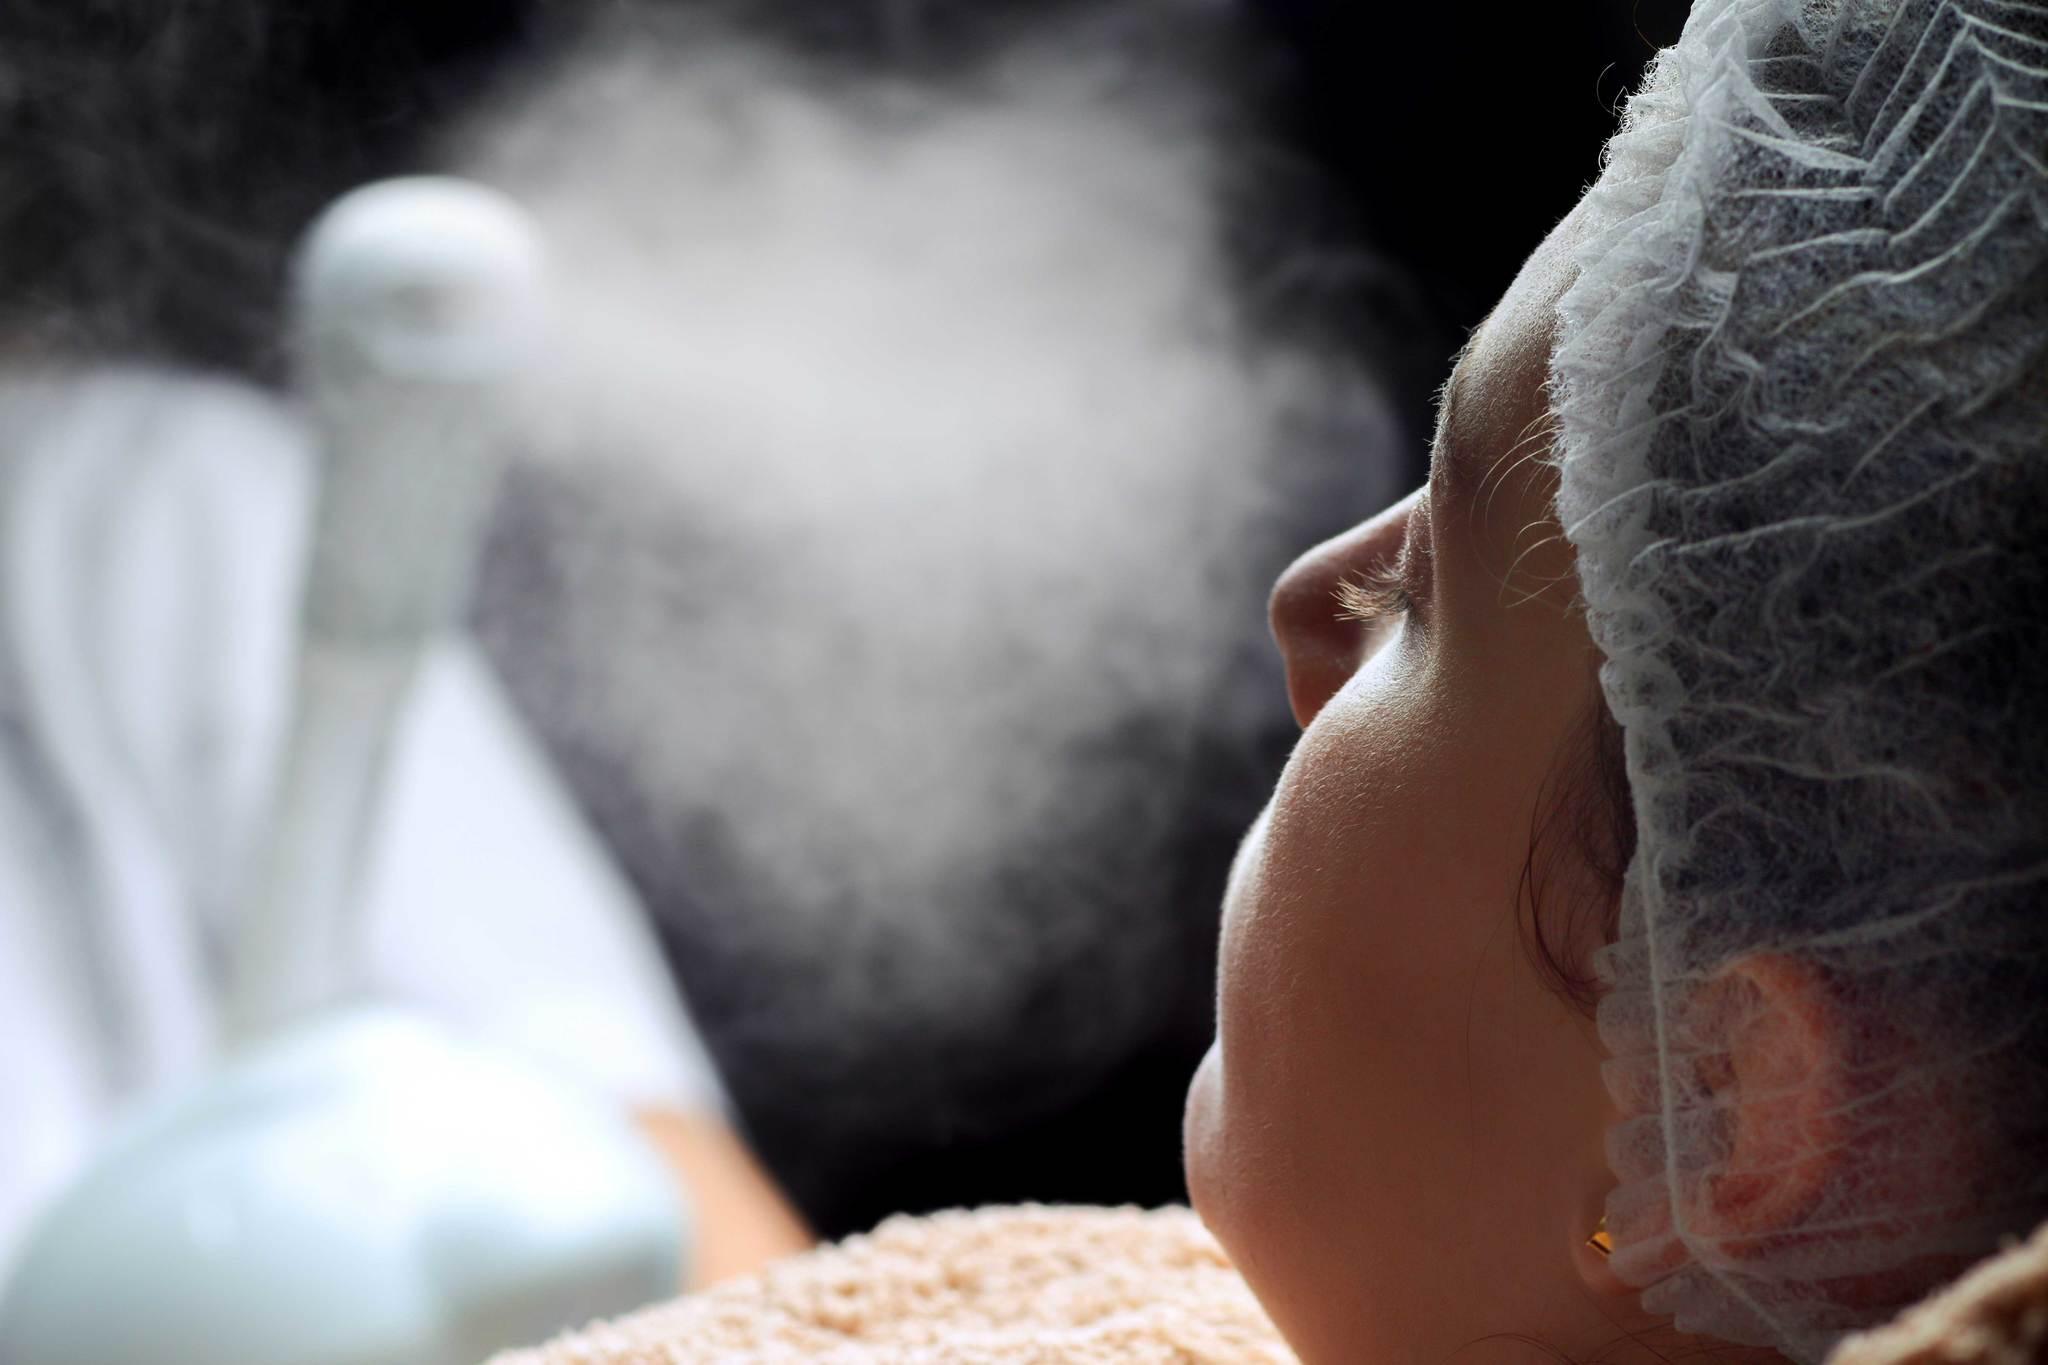 Ozonoterapia para adelgazar efectos secundarios